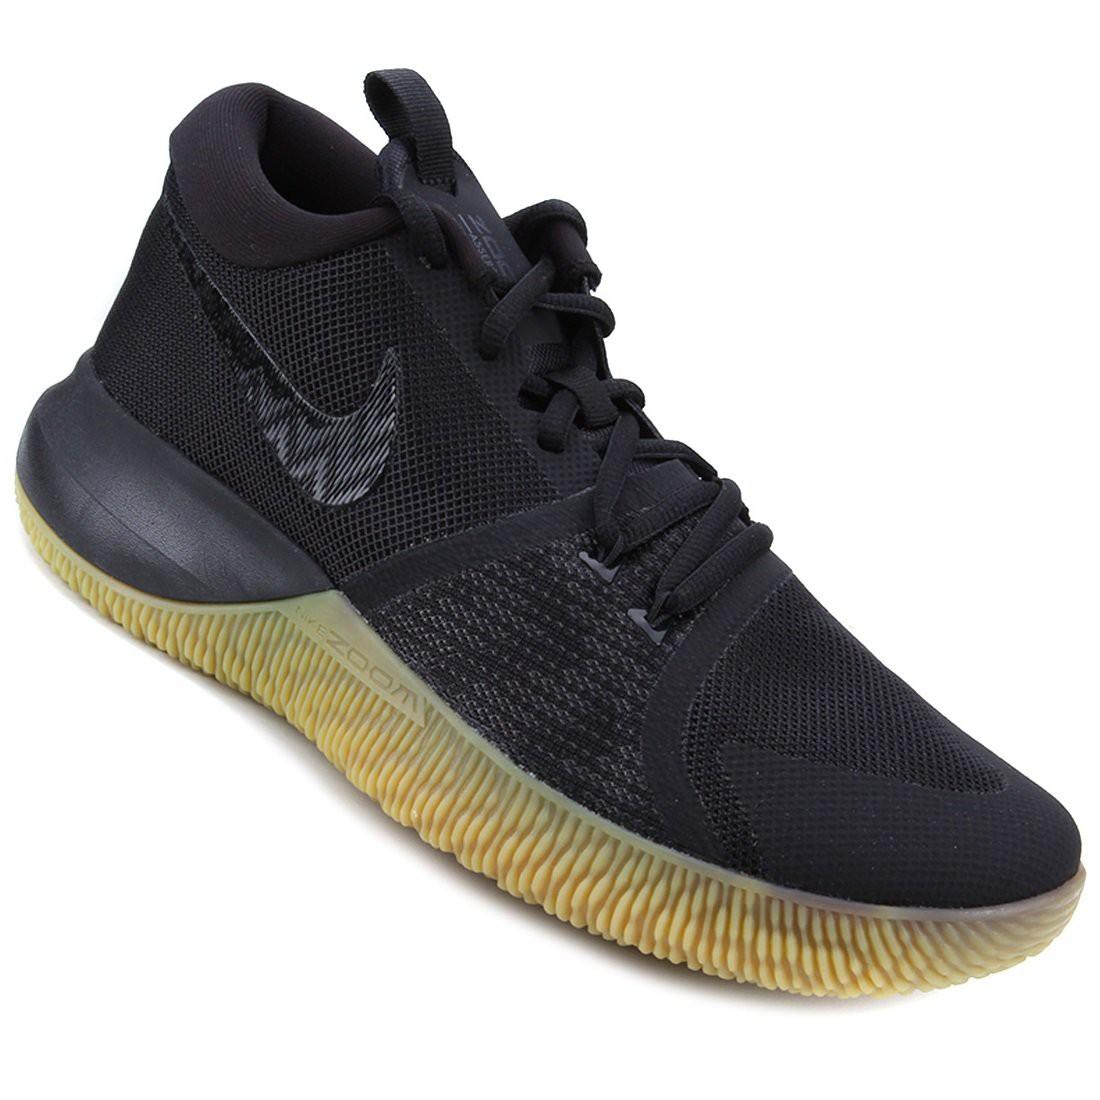 Nike Zoom Assersion, mẫu giày có thiết kế khá giống với Kyrie Flytrap.